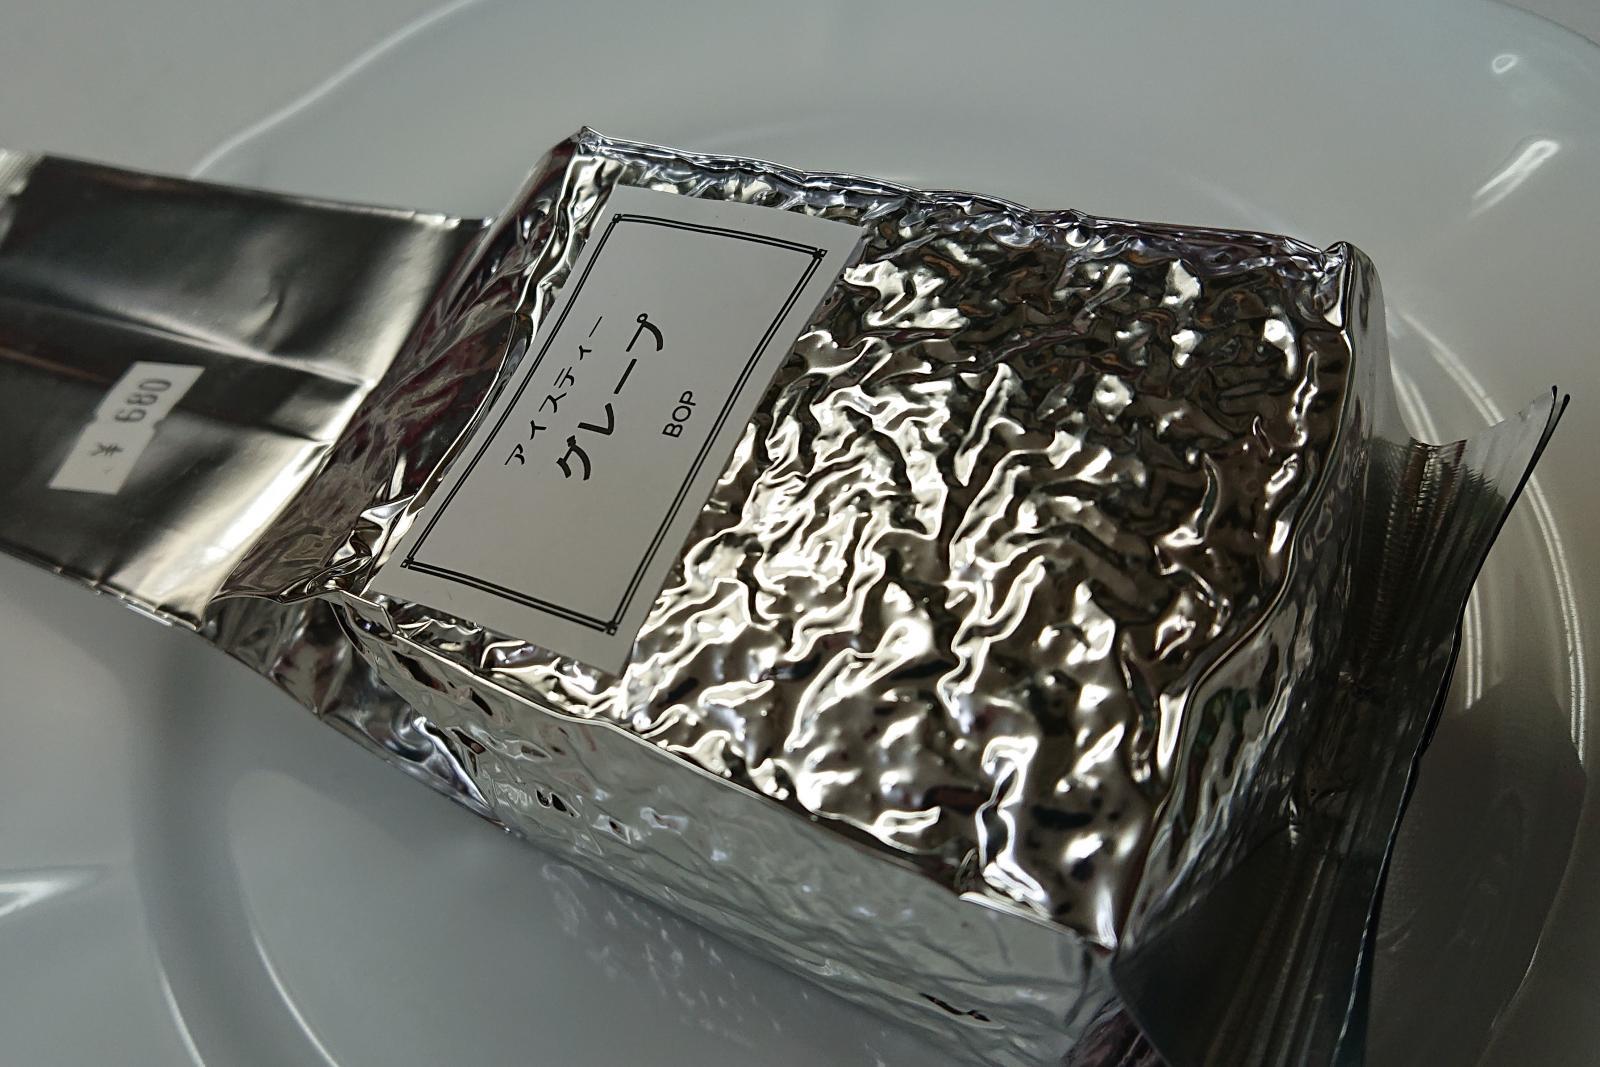 (食材の小売り販売)オリジナルアイスティー茶葉のイメージ